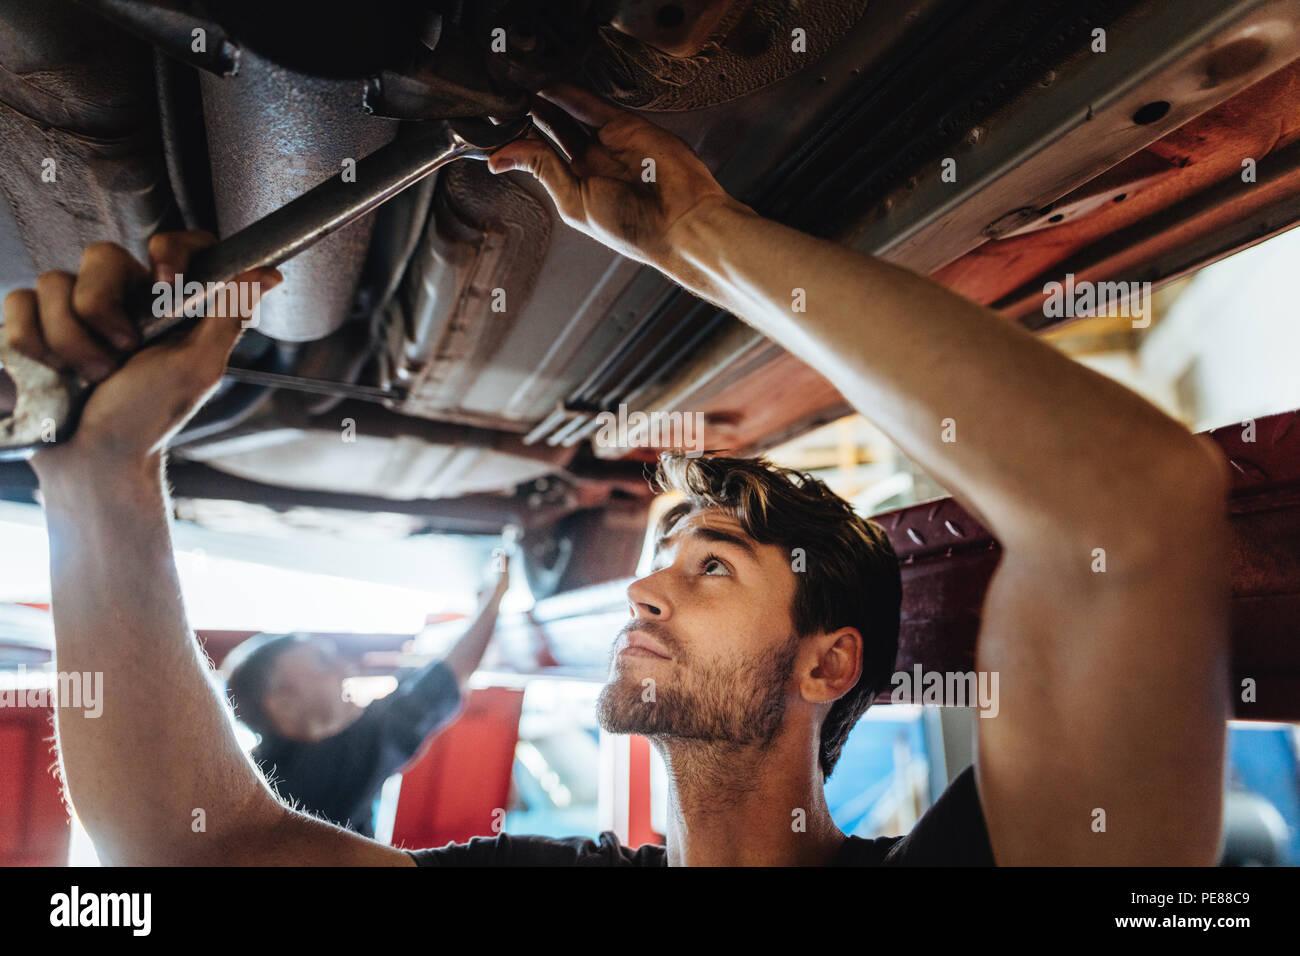 Junger Mann unter einer angehobenen Auto arbeiten. Mechaniker anziehen, ein Auto mit Schlüssel im Auto Service Center. Stockbild